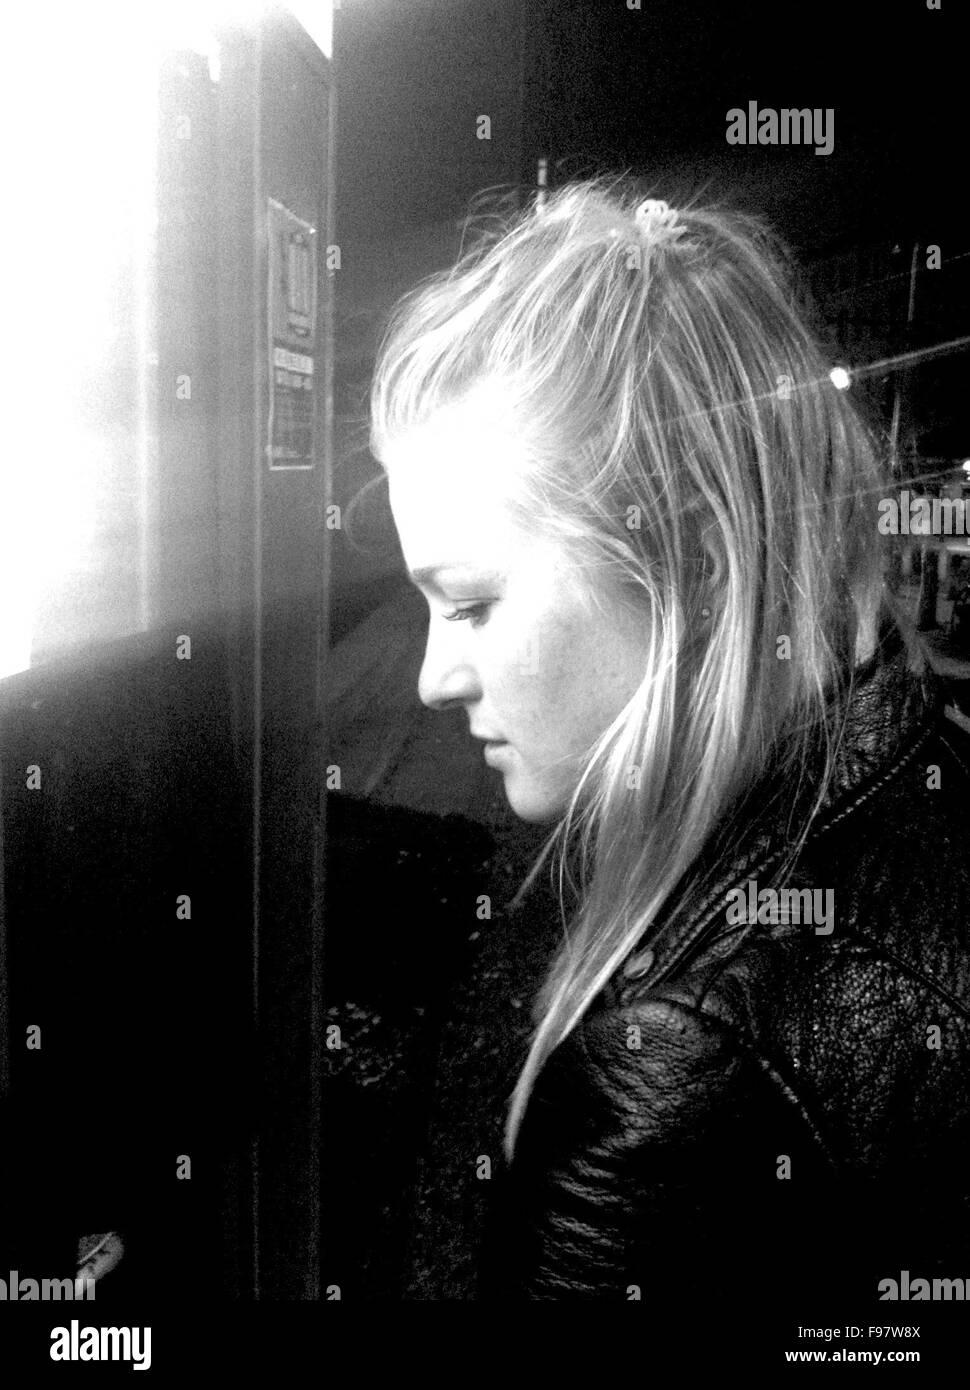 Ver perfil de Mujer de pie por la máquina de billetes por la noche Imagen De Stock